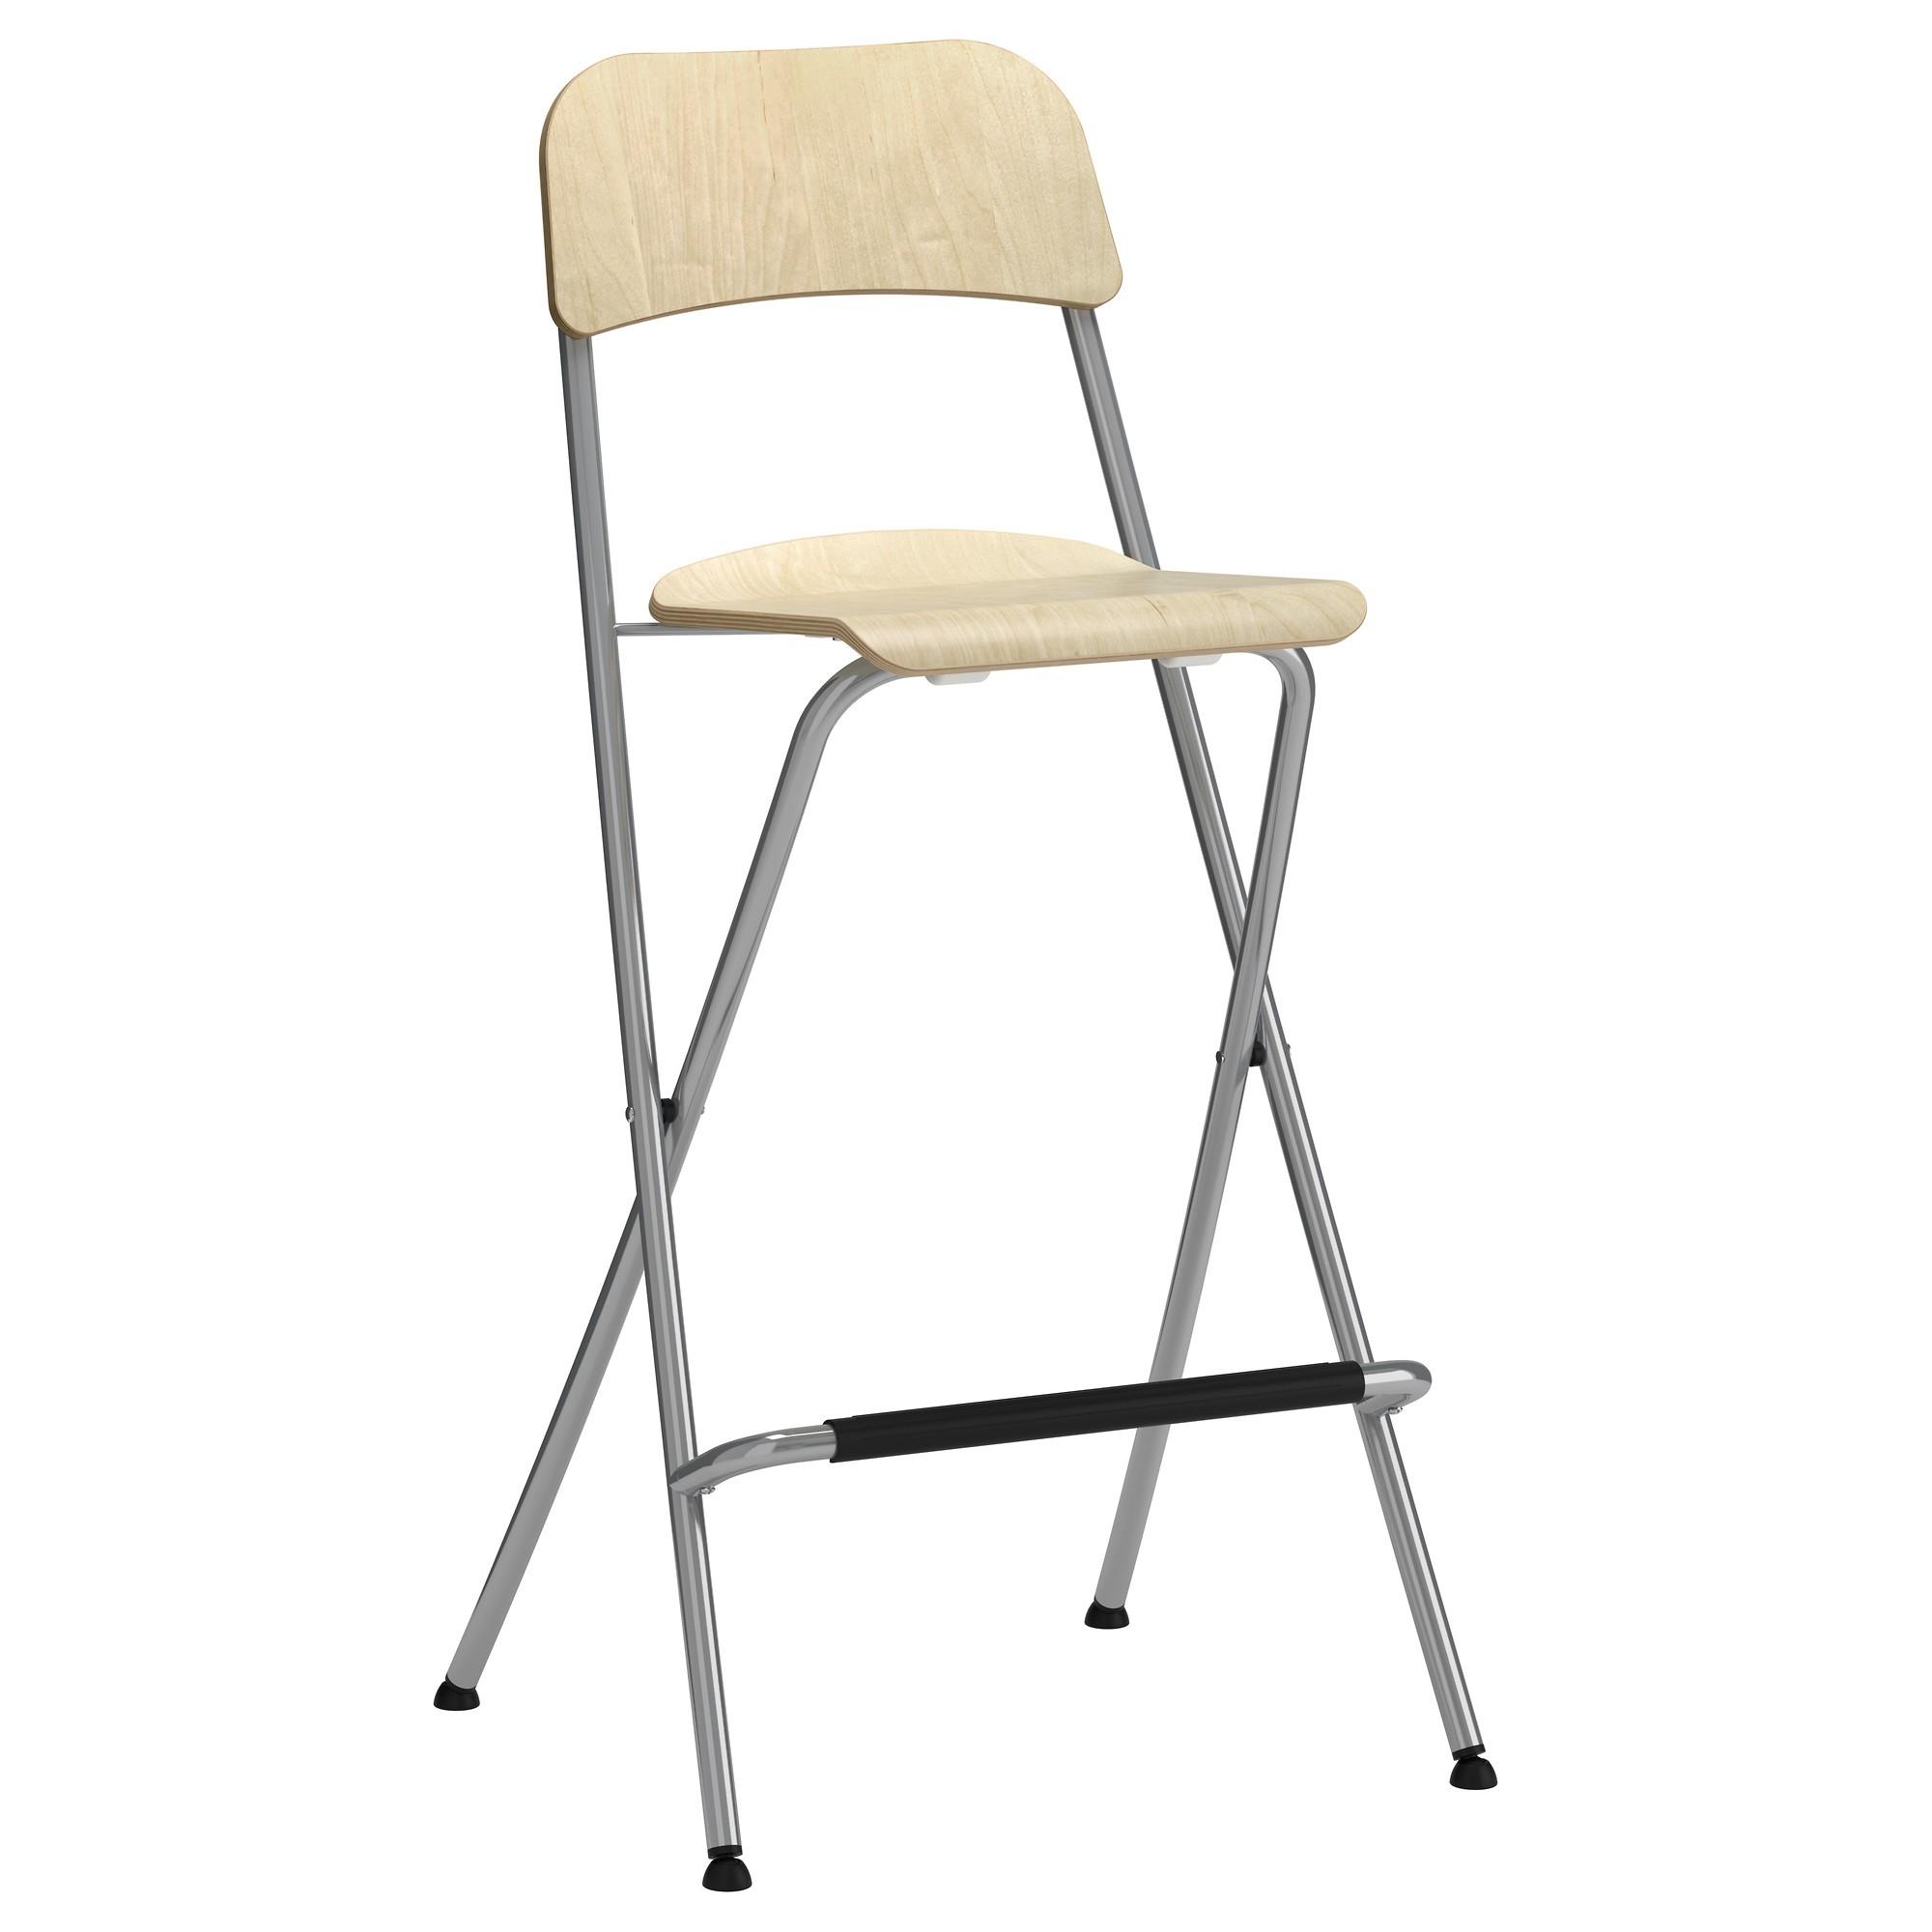 Chaise Pliante Ikea Canada